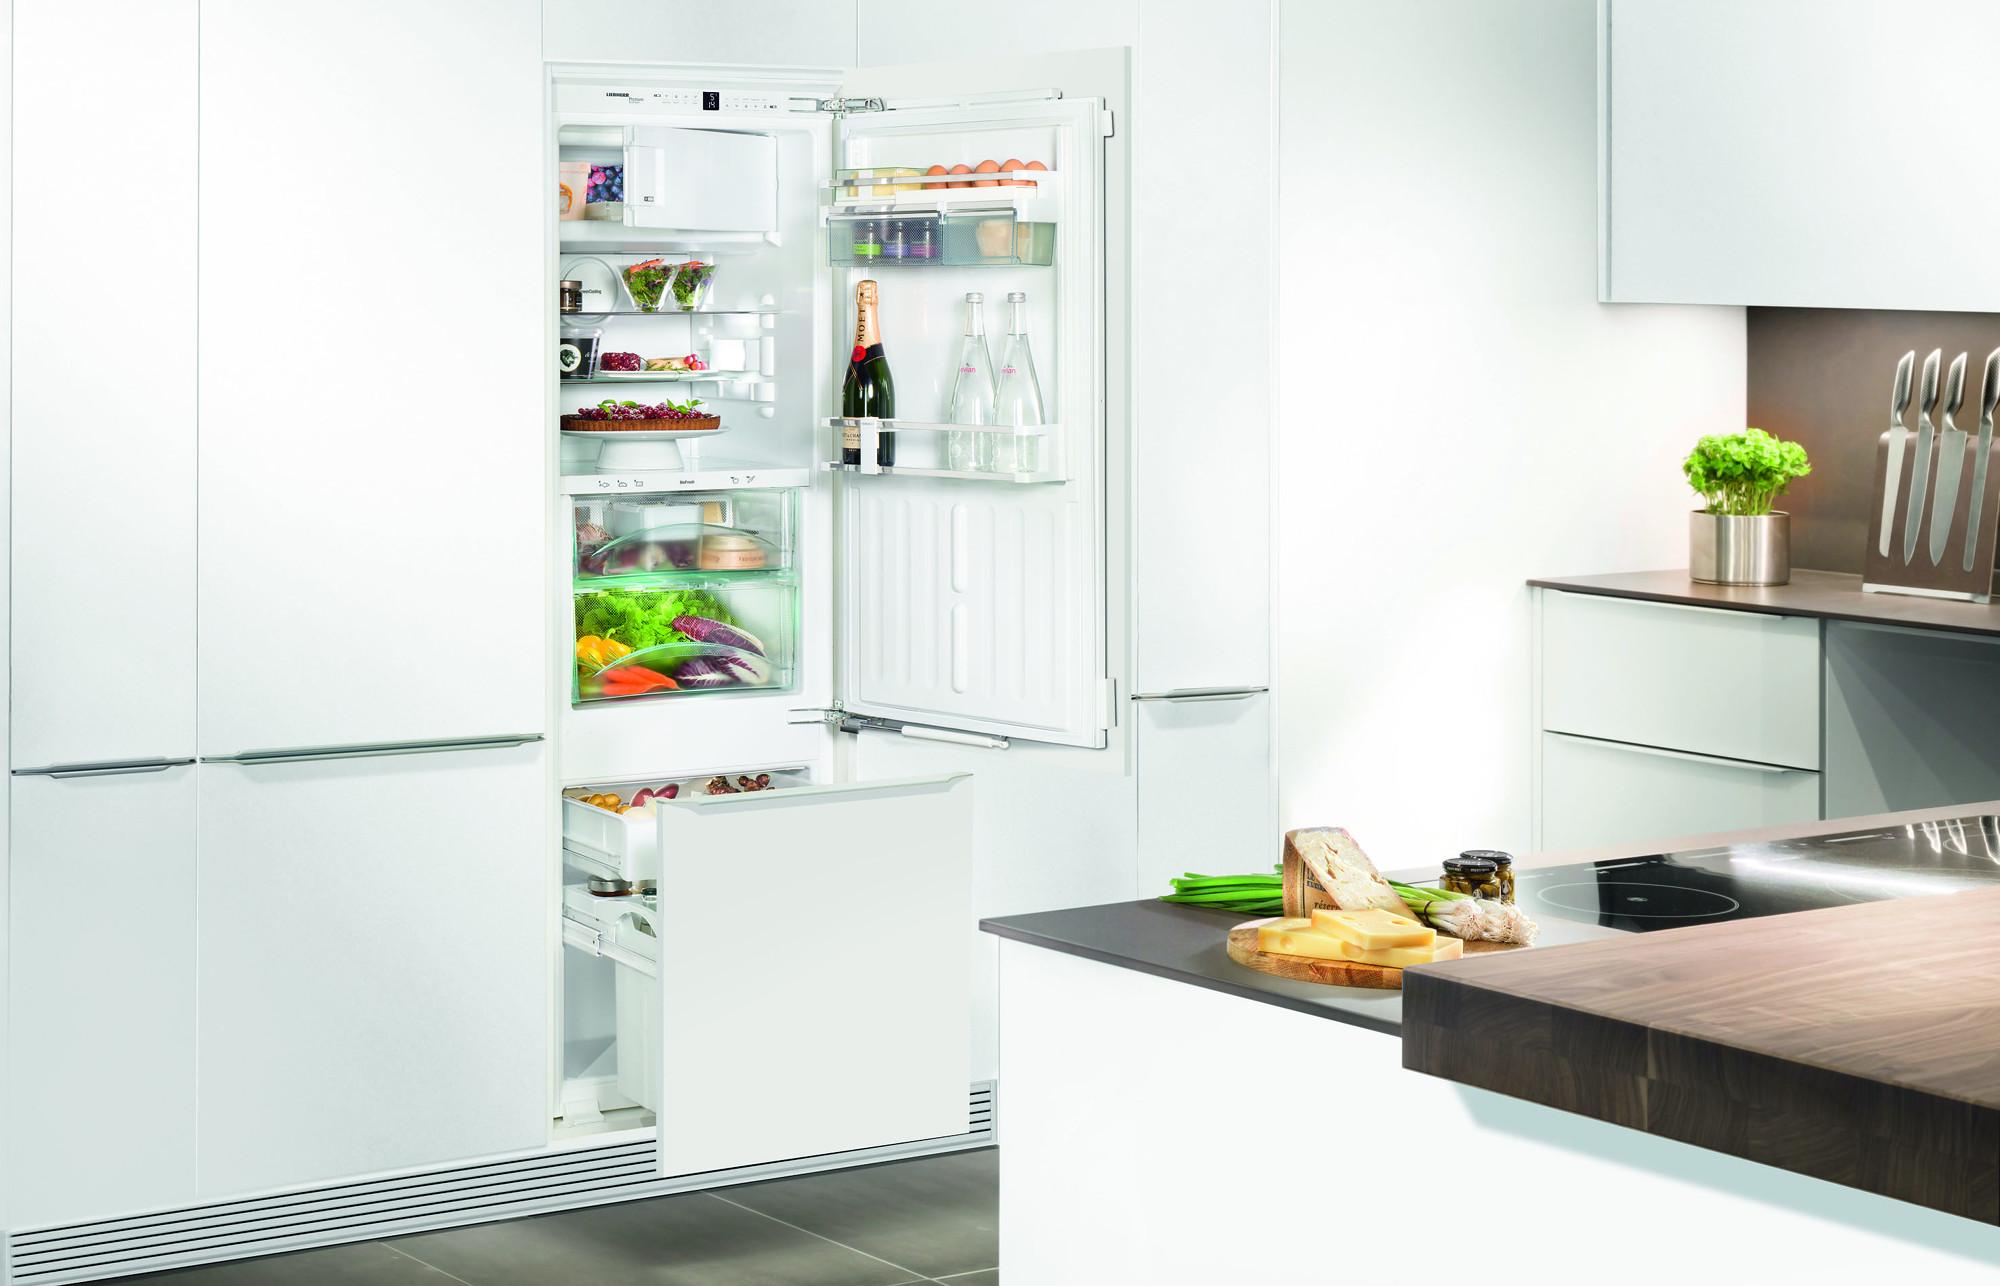 Kühlschrank Liebherr IKBV 3264 mit Kellerfach